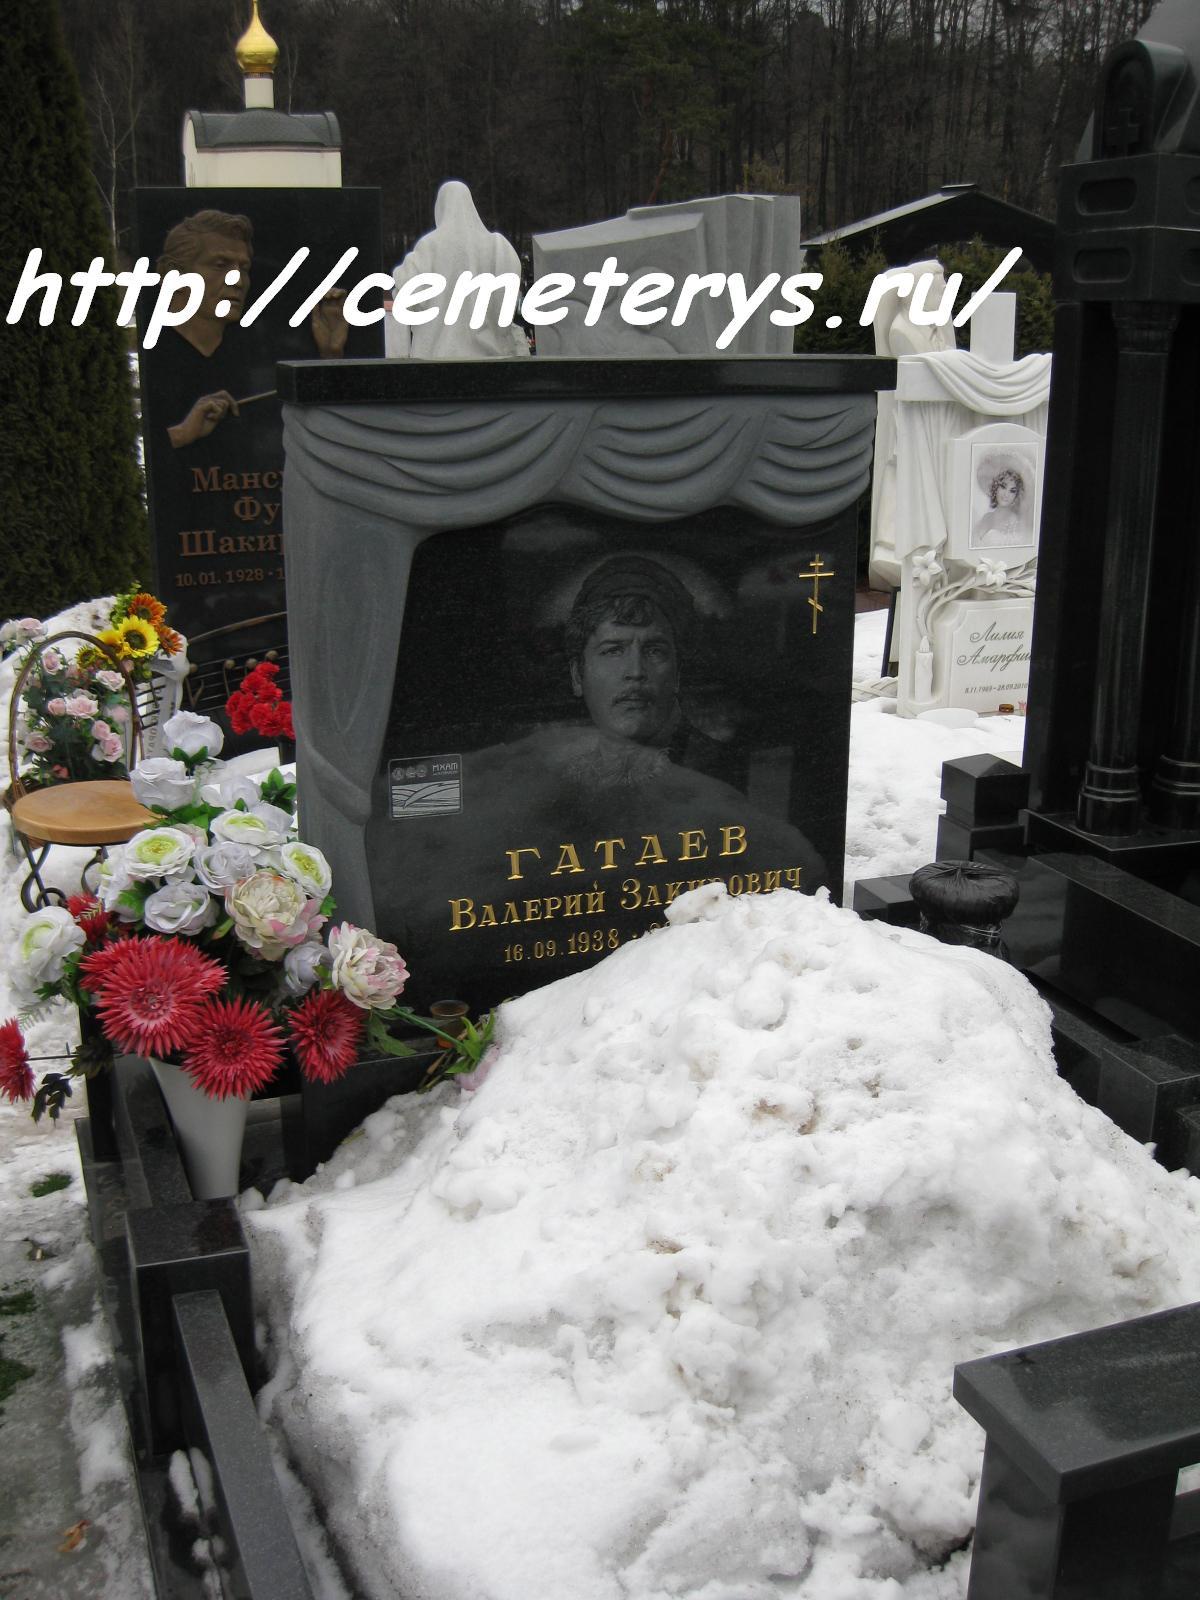 могила Валерия Гатаева на Троекуровском кладбище в Москве ( фото Дмитрия Кондратьева)